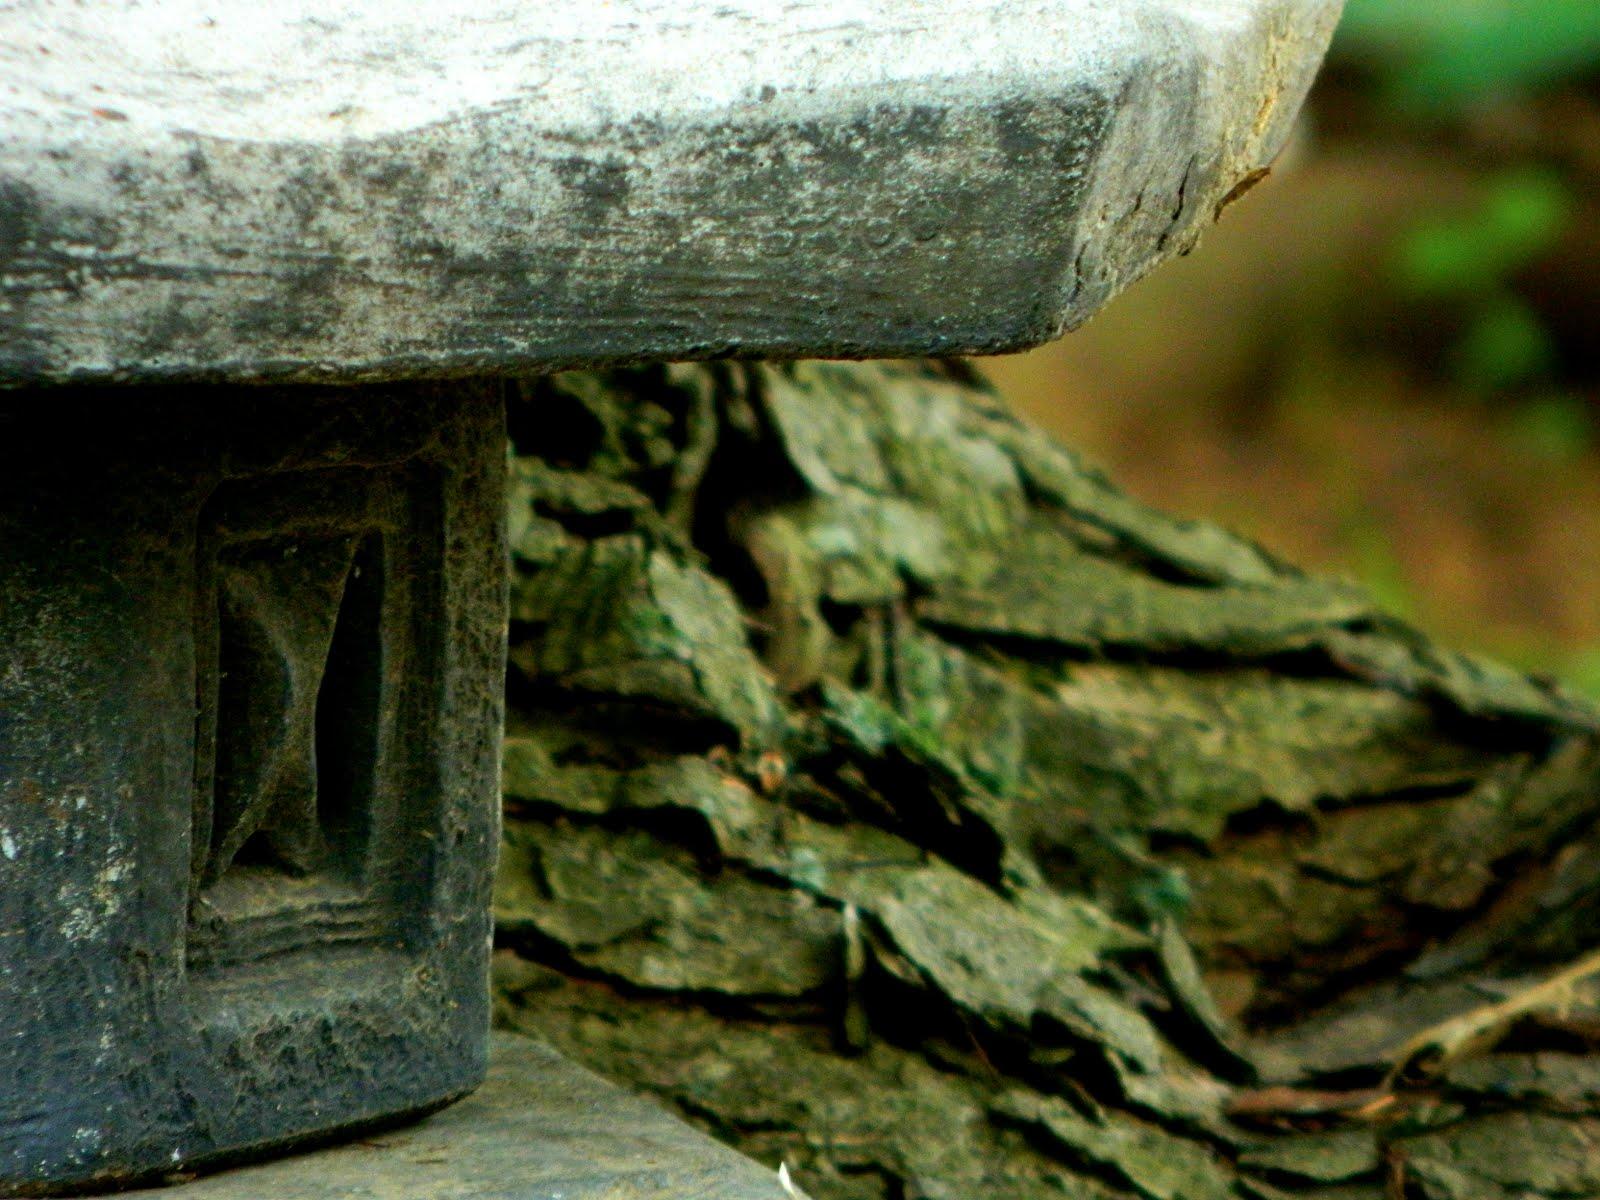 Japanese Lantern Detail